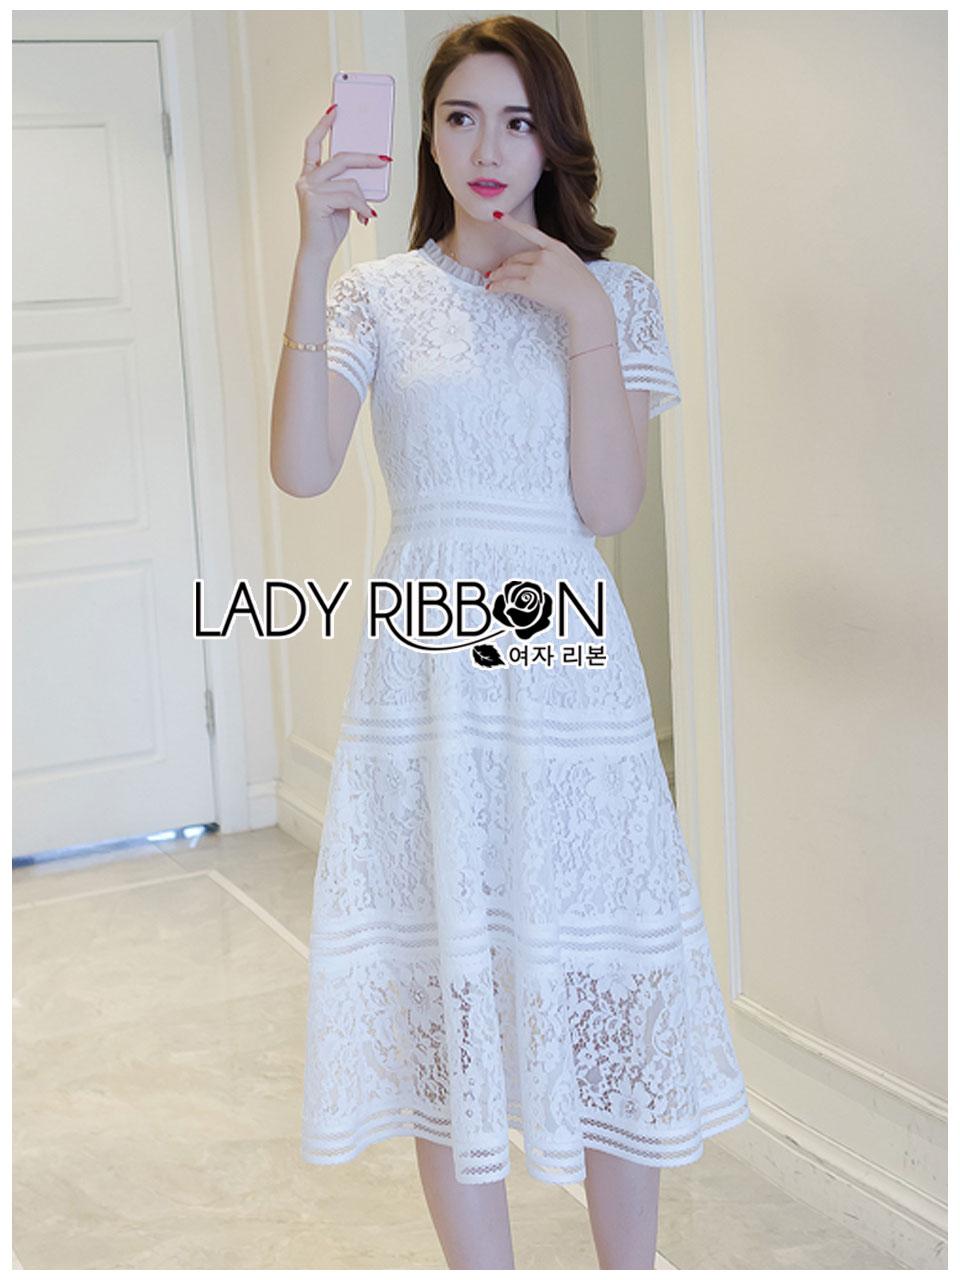 Lady Ribbon's Made Lady Leah Striped Layered White Lace Dress